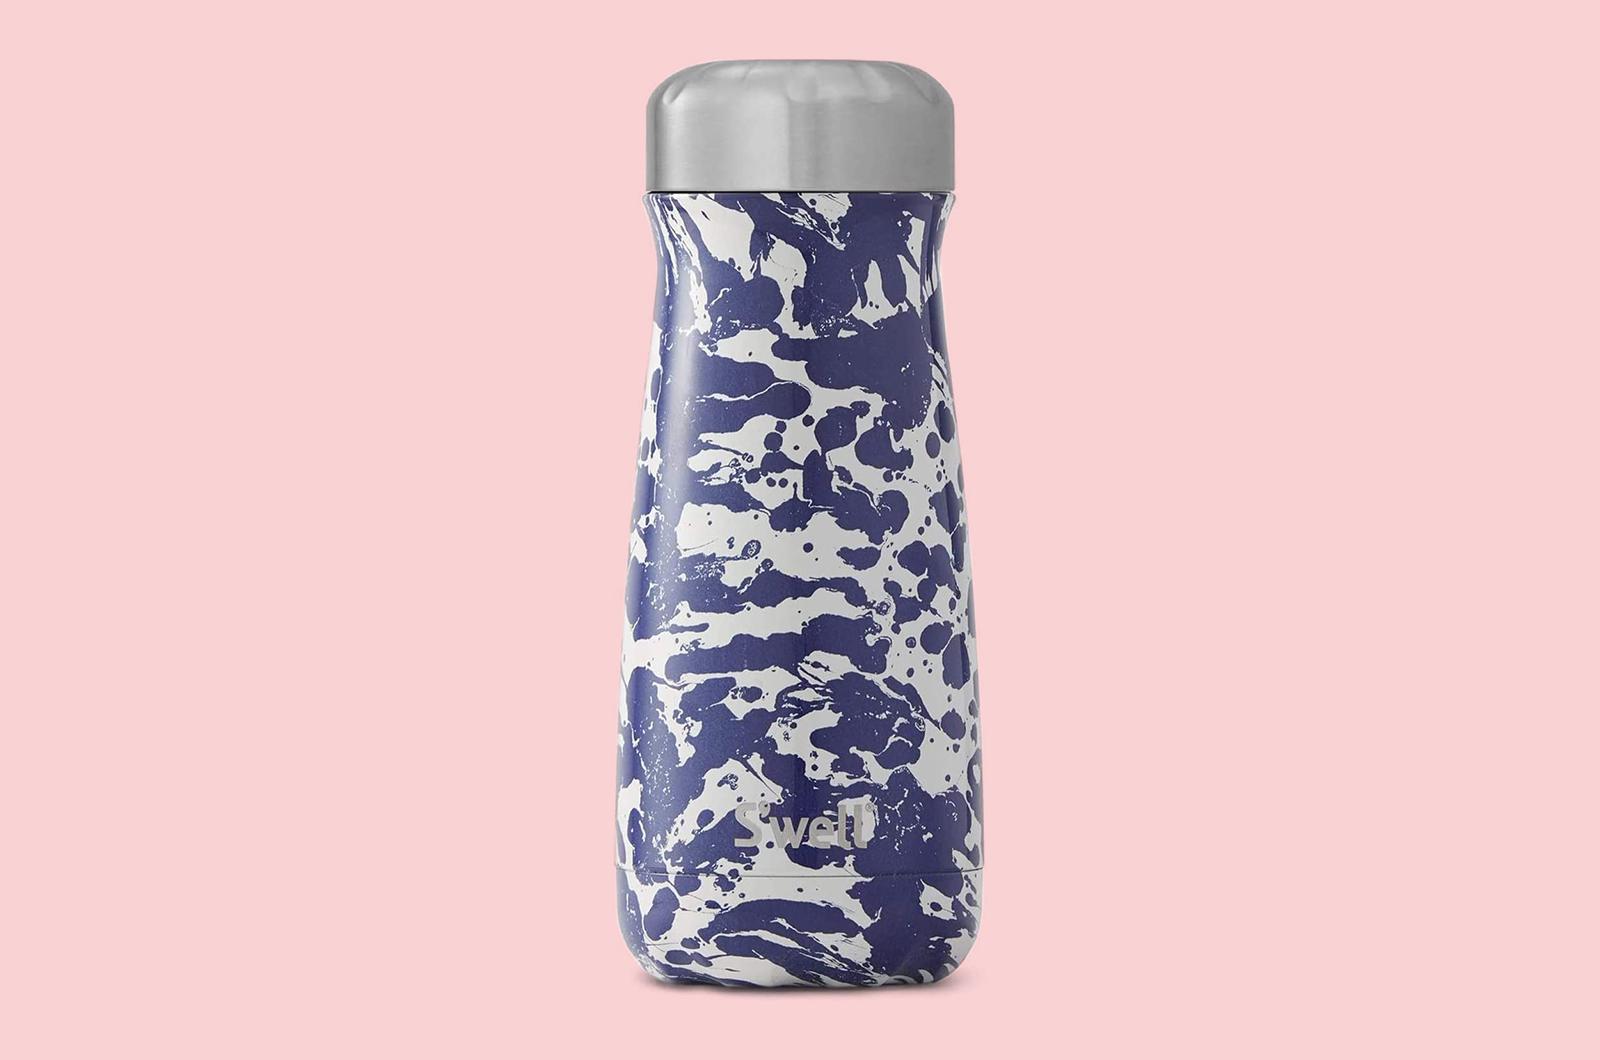 S'well Stainless Steel Traveler Water Bottle